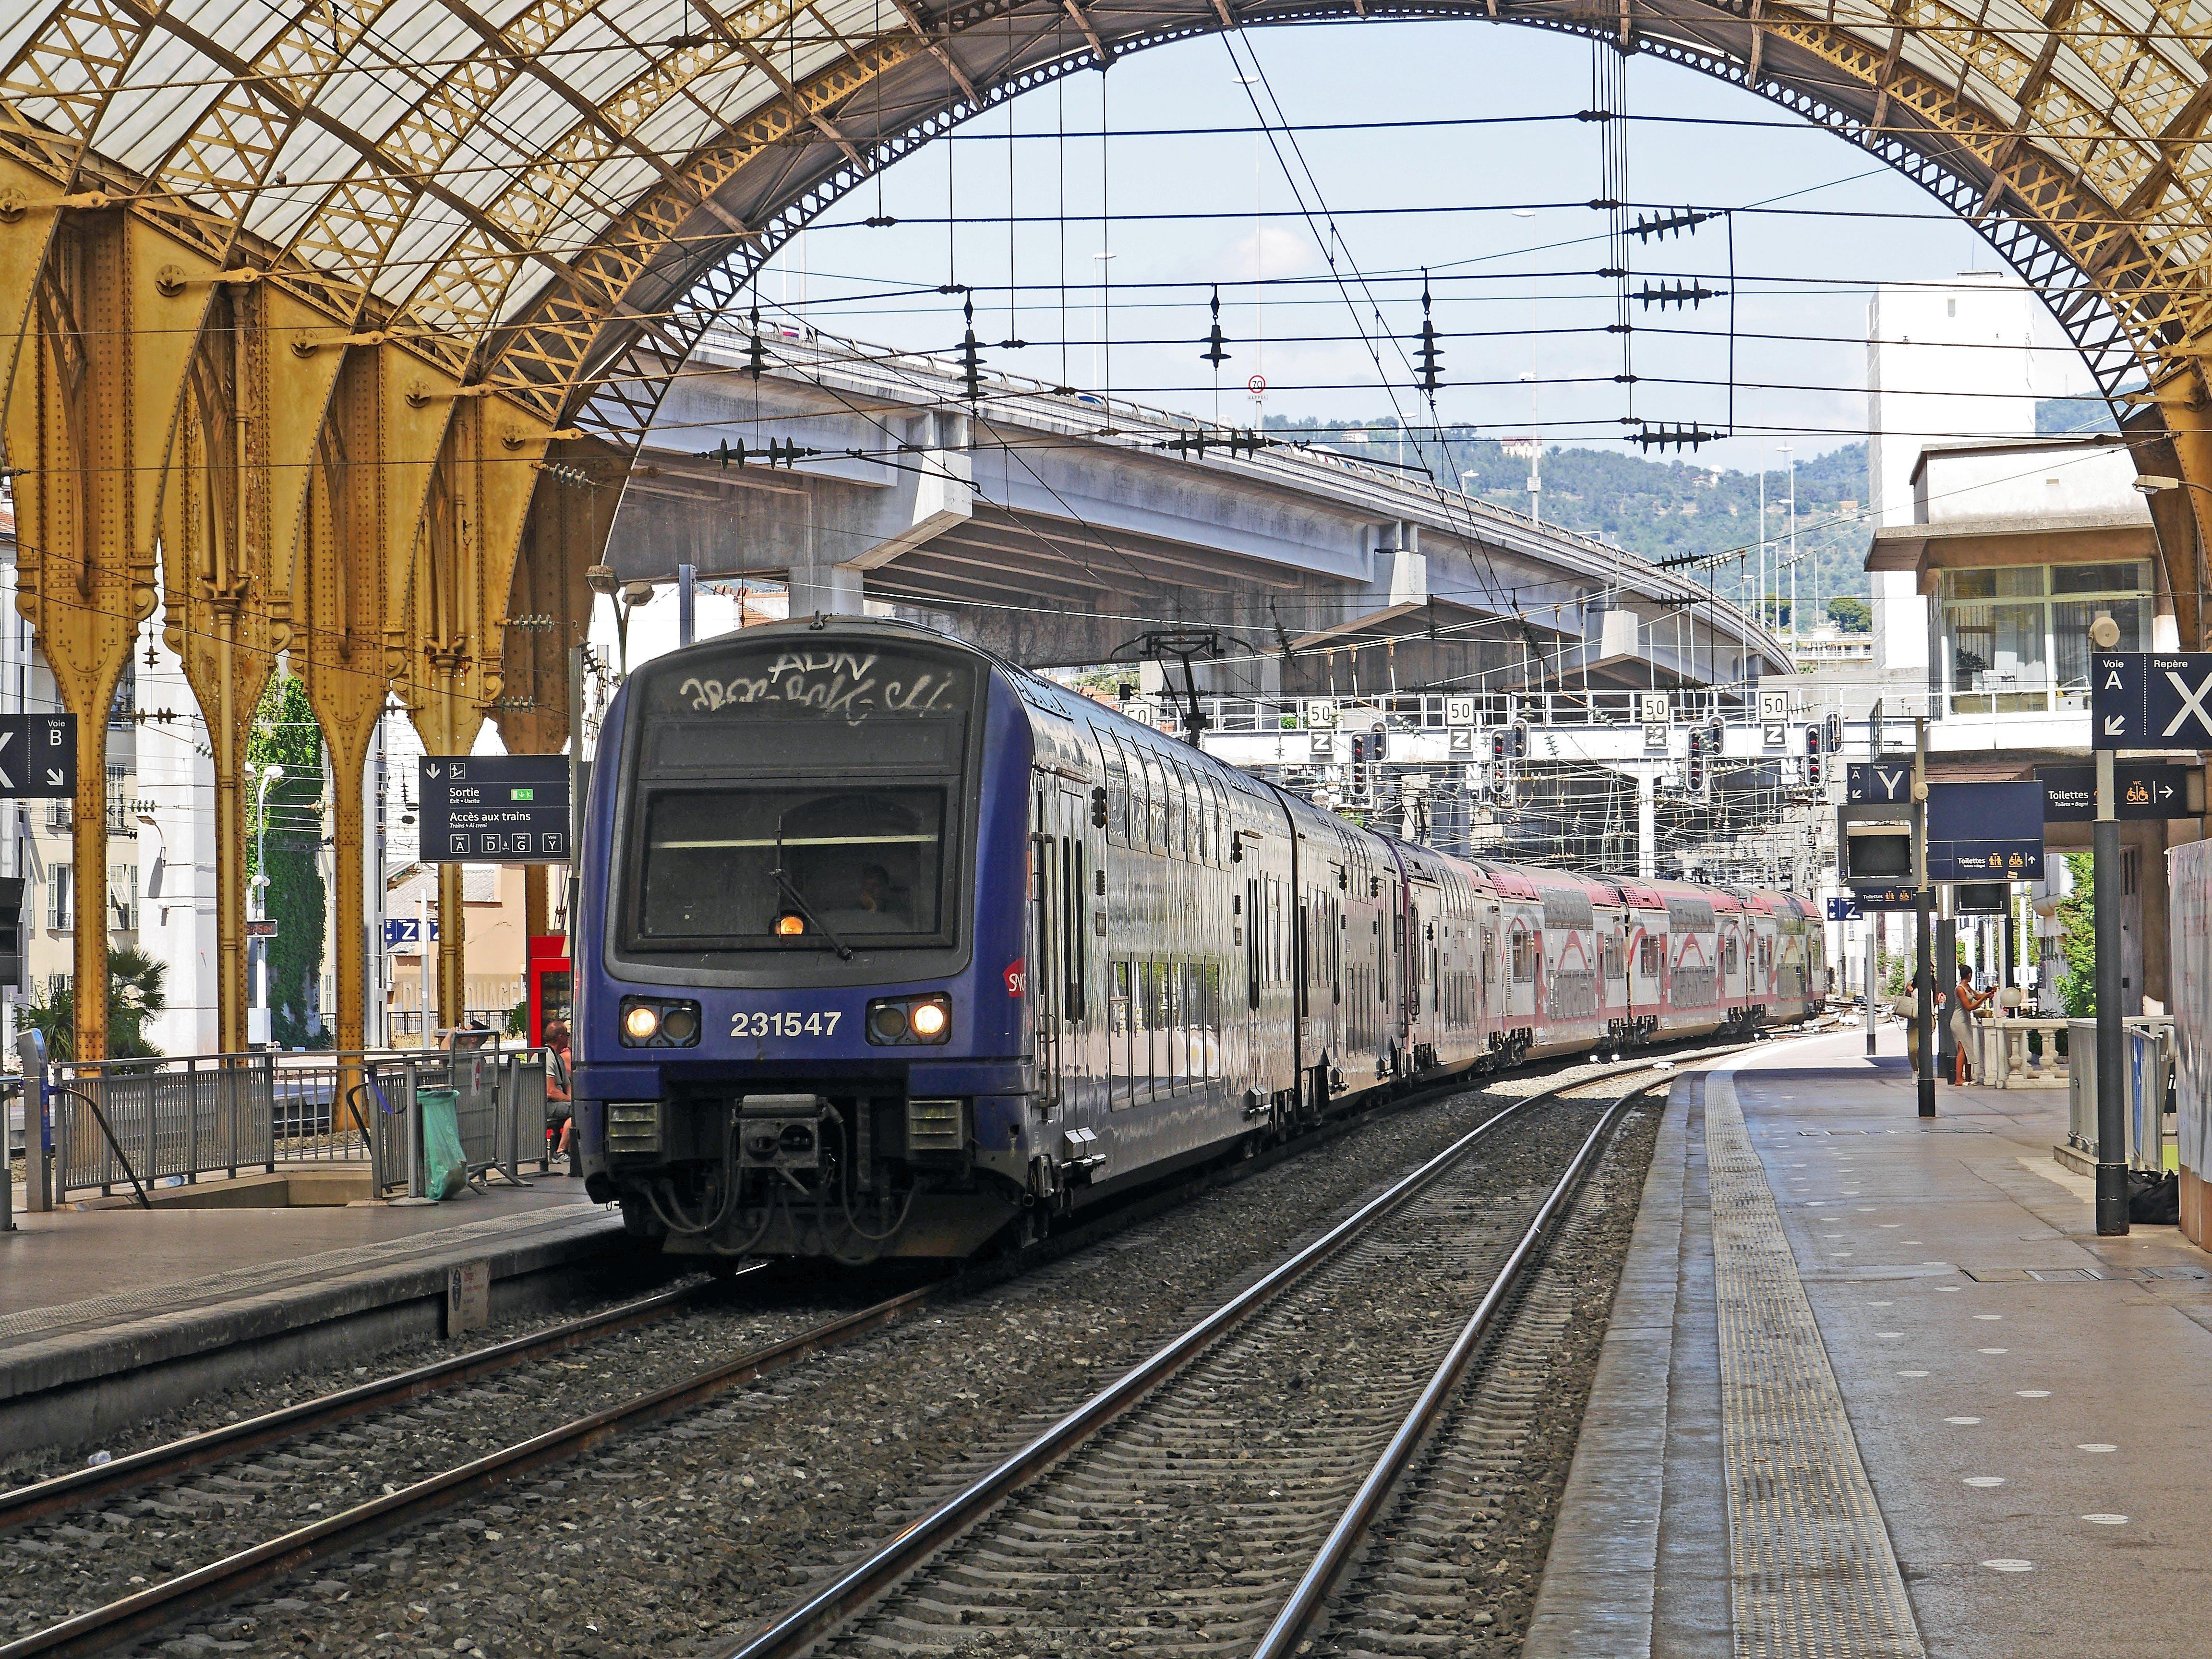 Kostnadsfri bild av järnvägar, station, tåg, tågstation